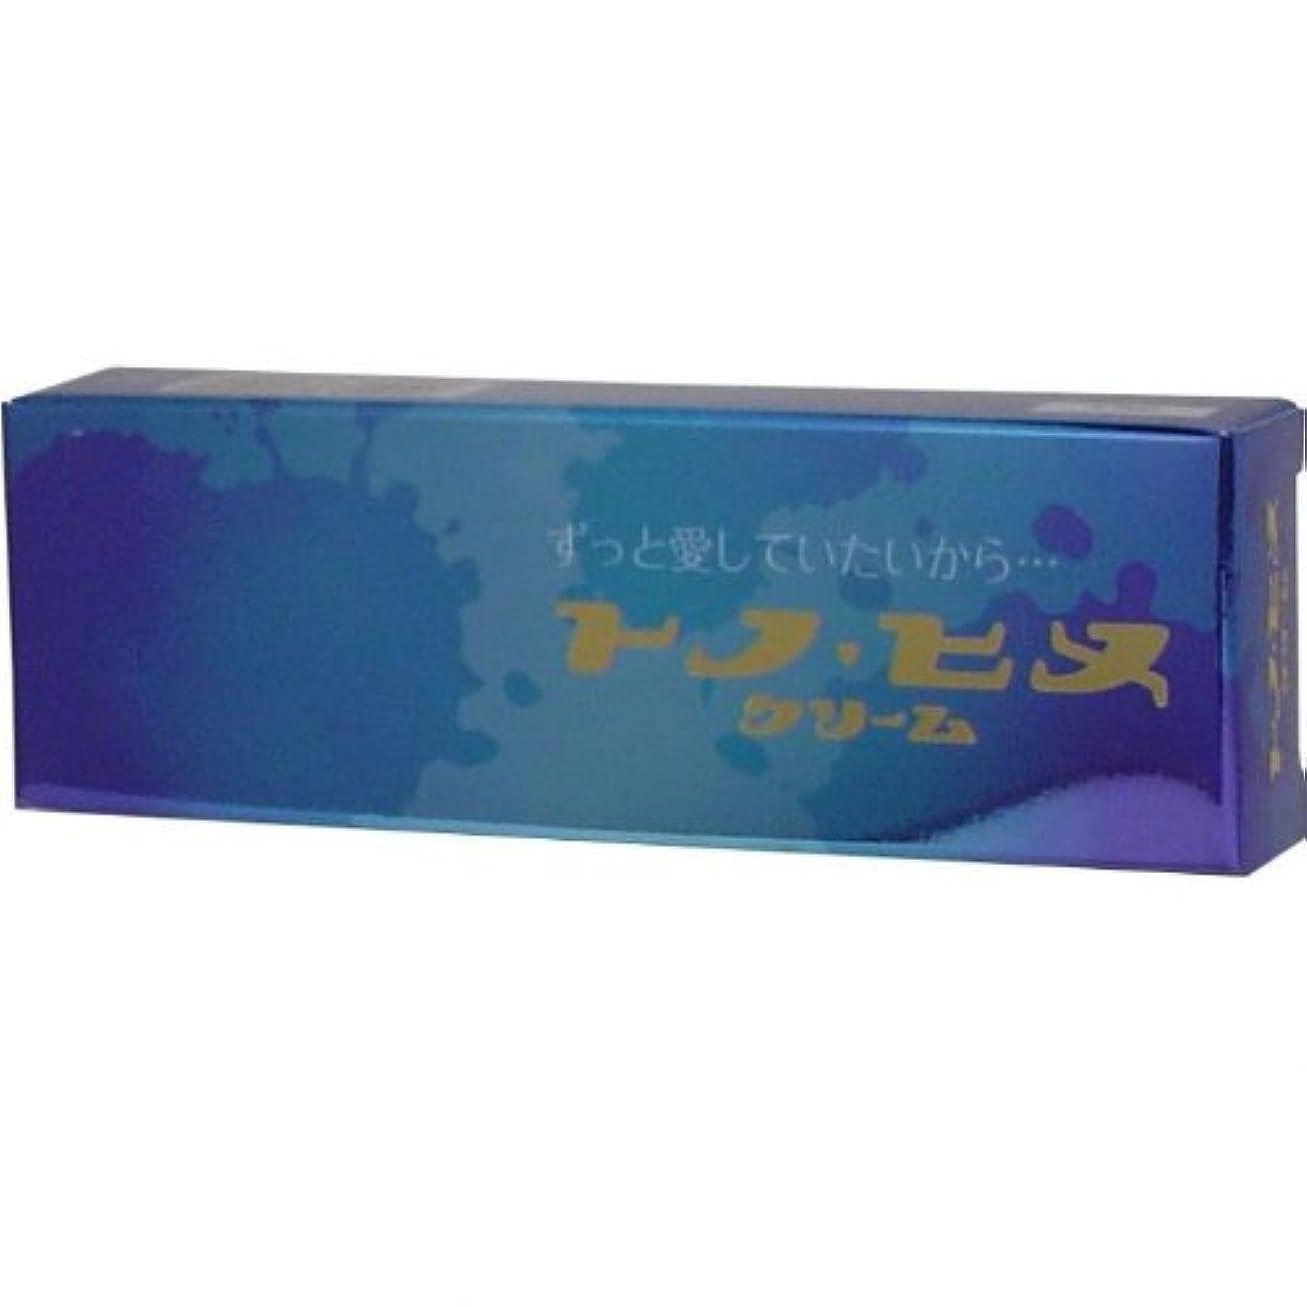 ミント入札風味大人のいとなみをサポートする化粧品クリーム!トノヒメクリーム 10g【4個セット】